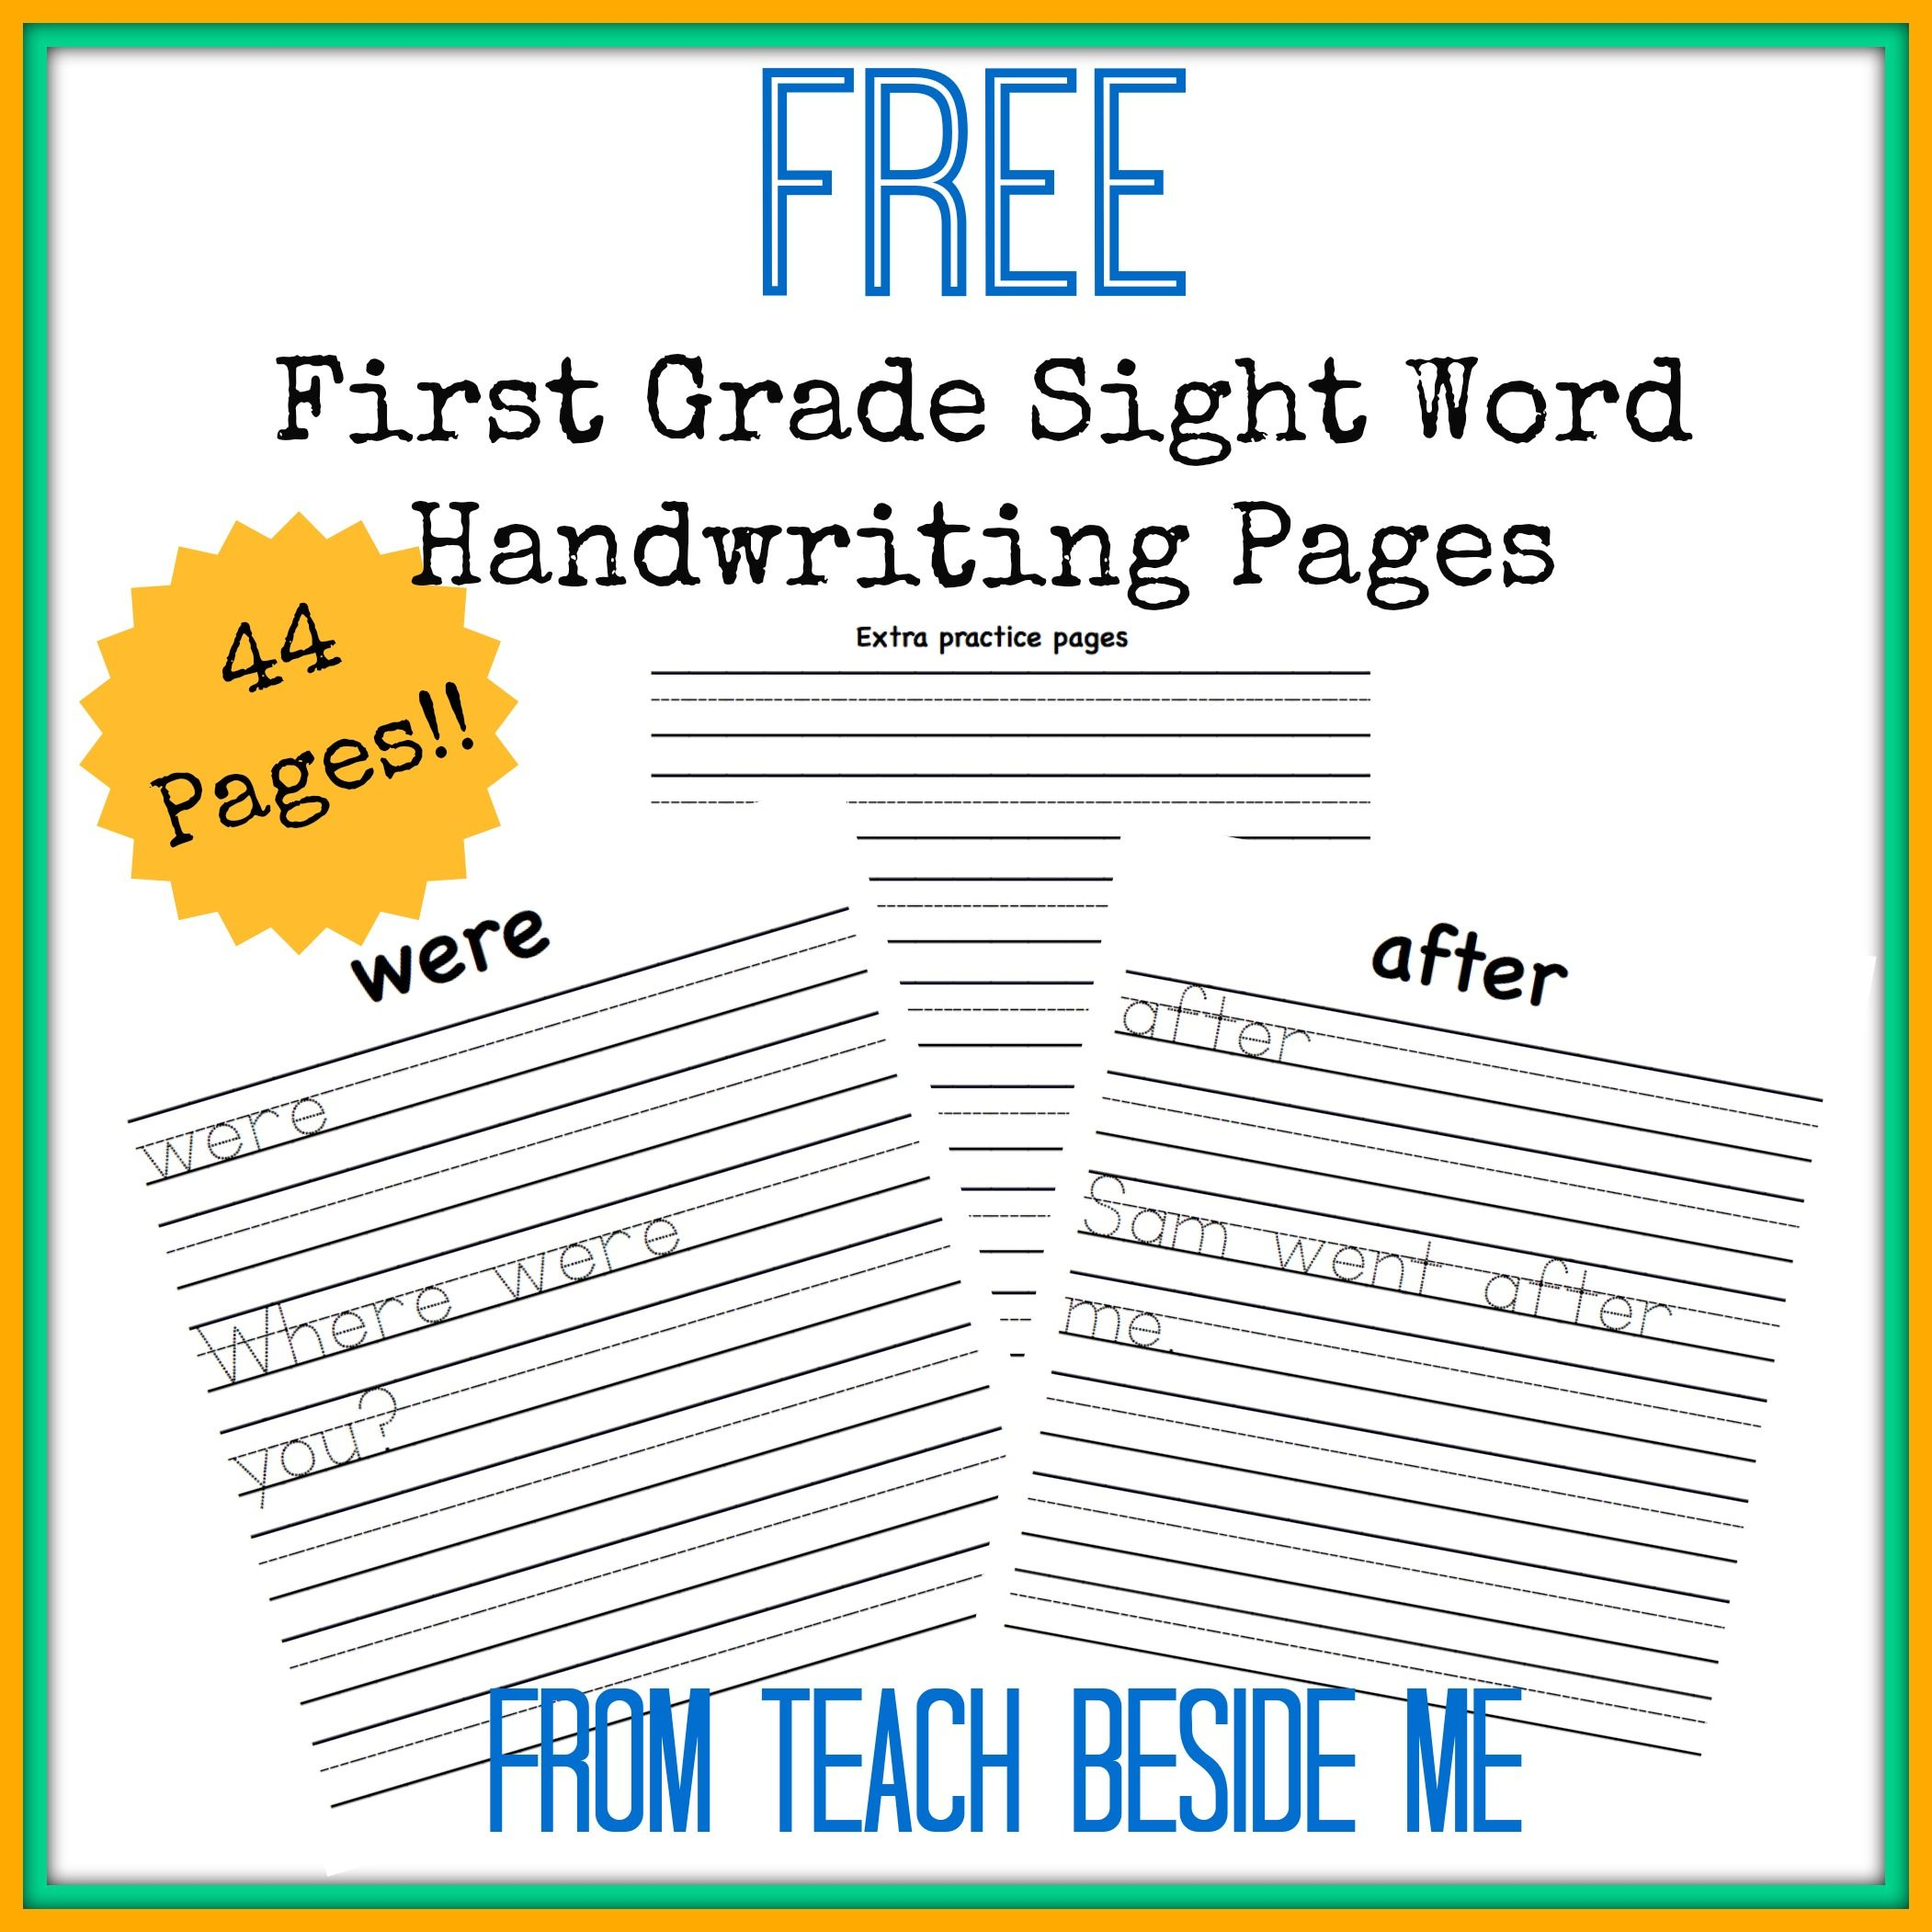 Worksheet 1st Grade Handwriting Practice 17 best images about handwriting practice for first grade on pinterest worksheets spelling and free printable